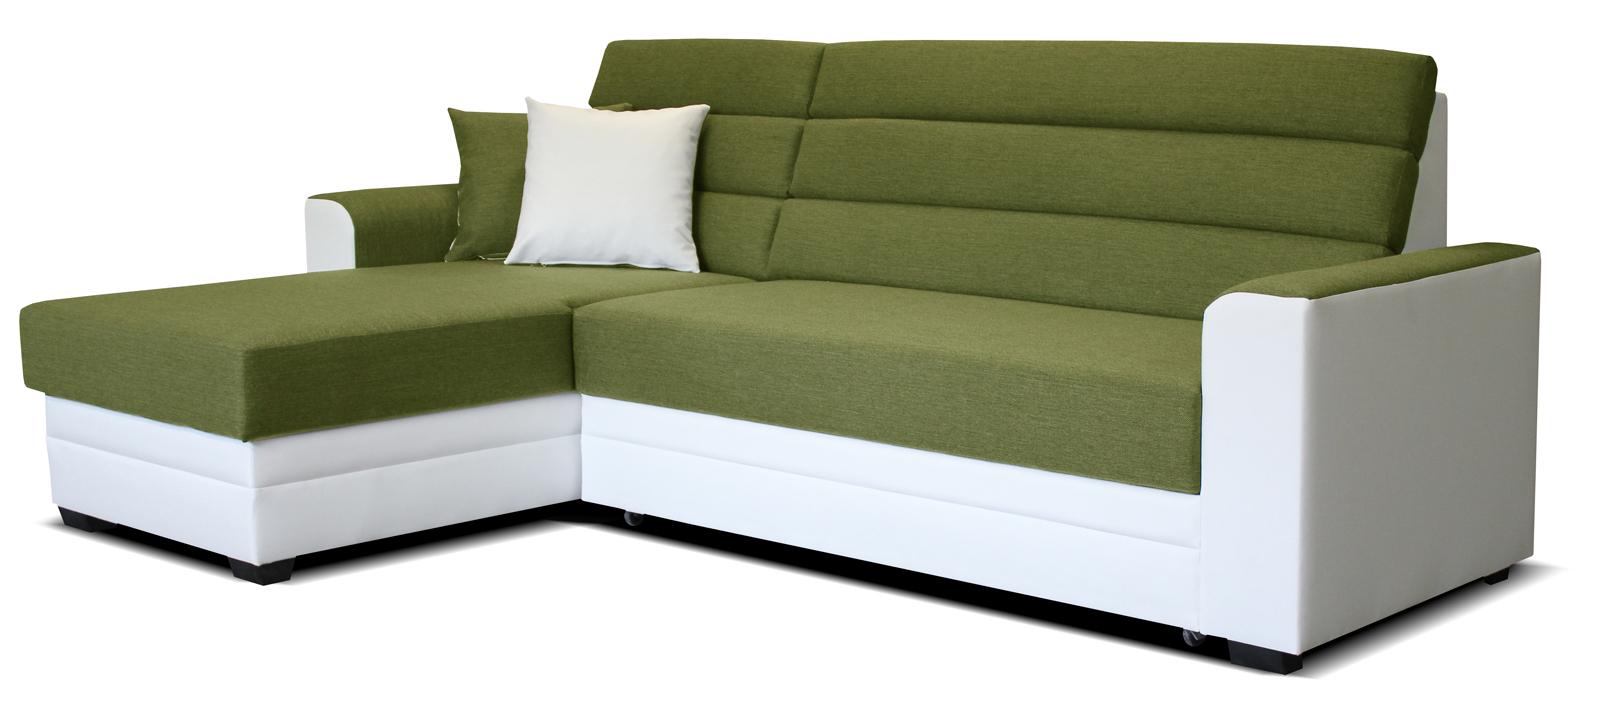 Rohová sedací souprava - Po-Sed - Ulm L+2F (zelená + bílá) (L)